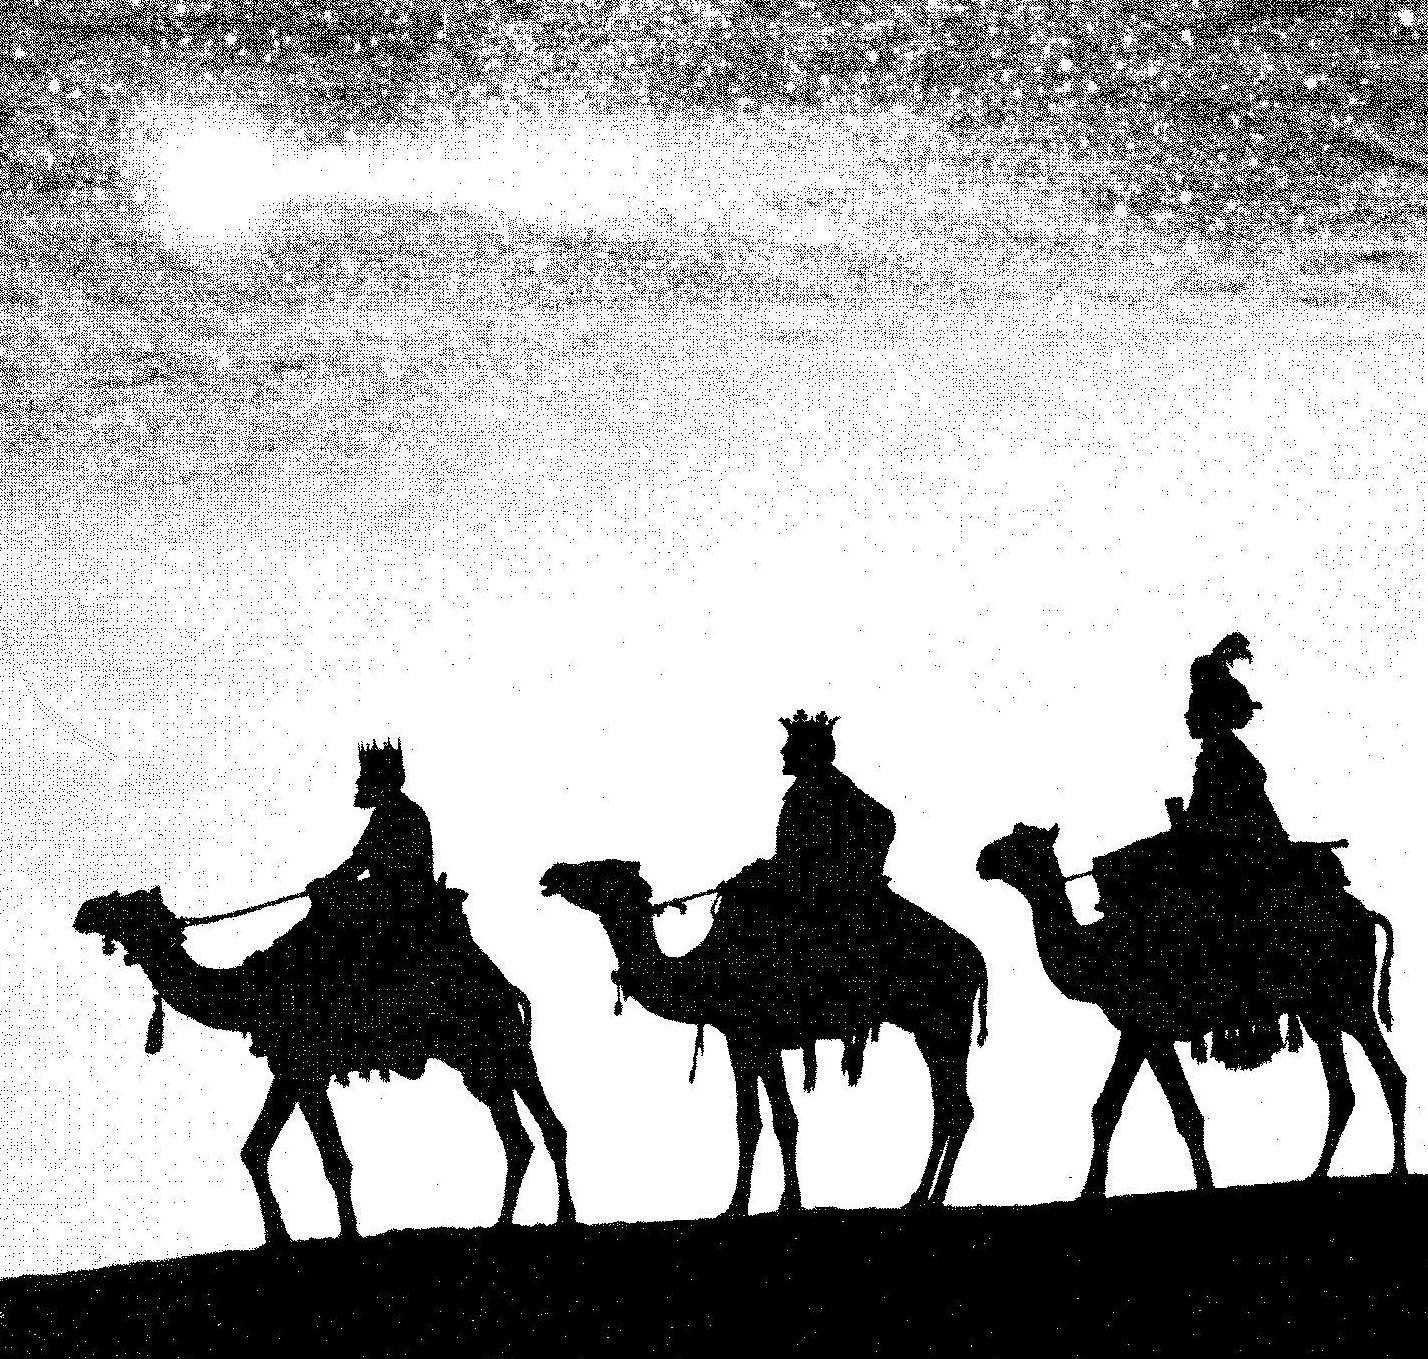 Reyes Magos para los más necesitados: Reyes Magos de verdad